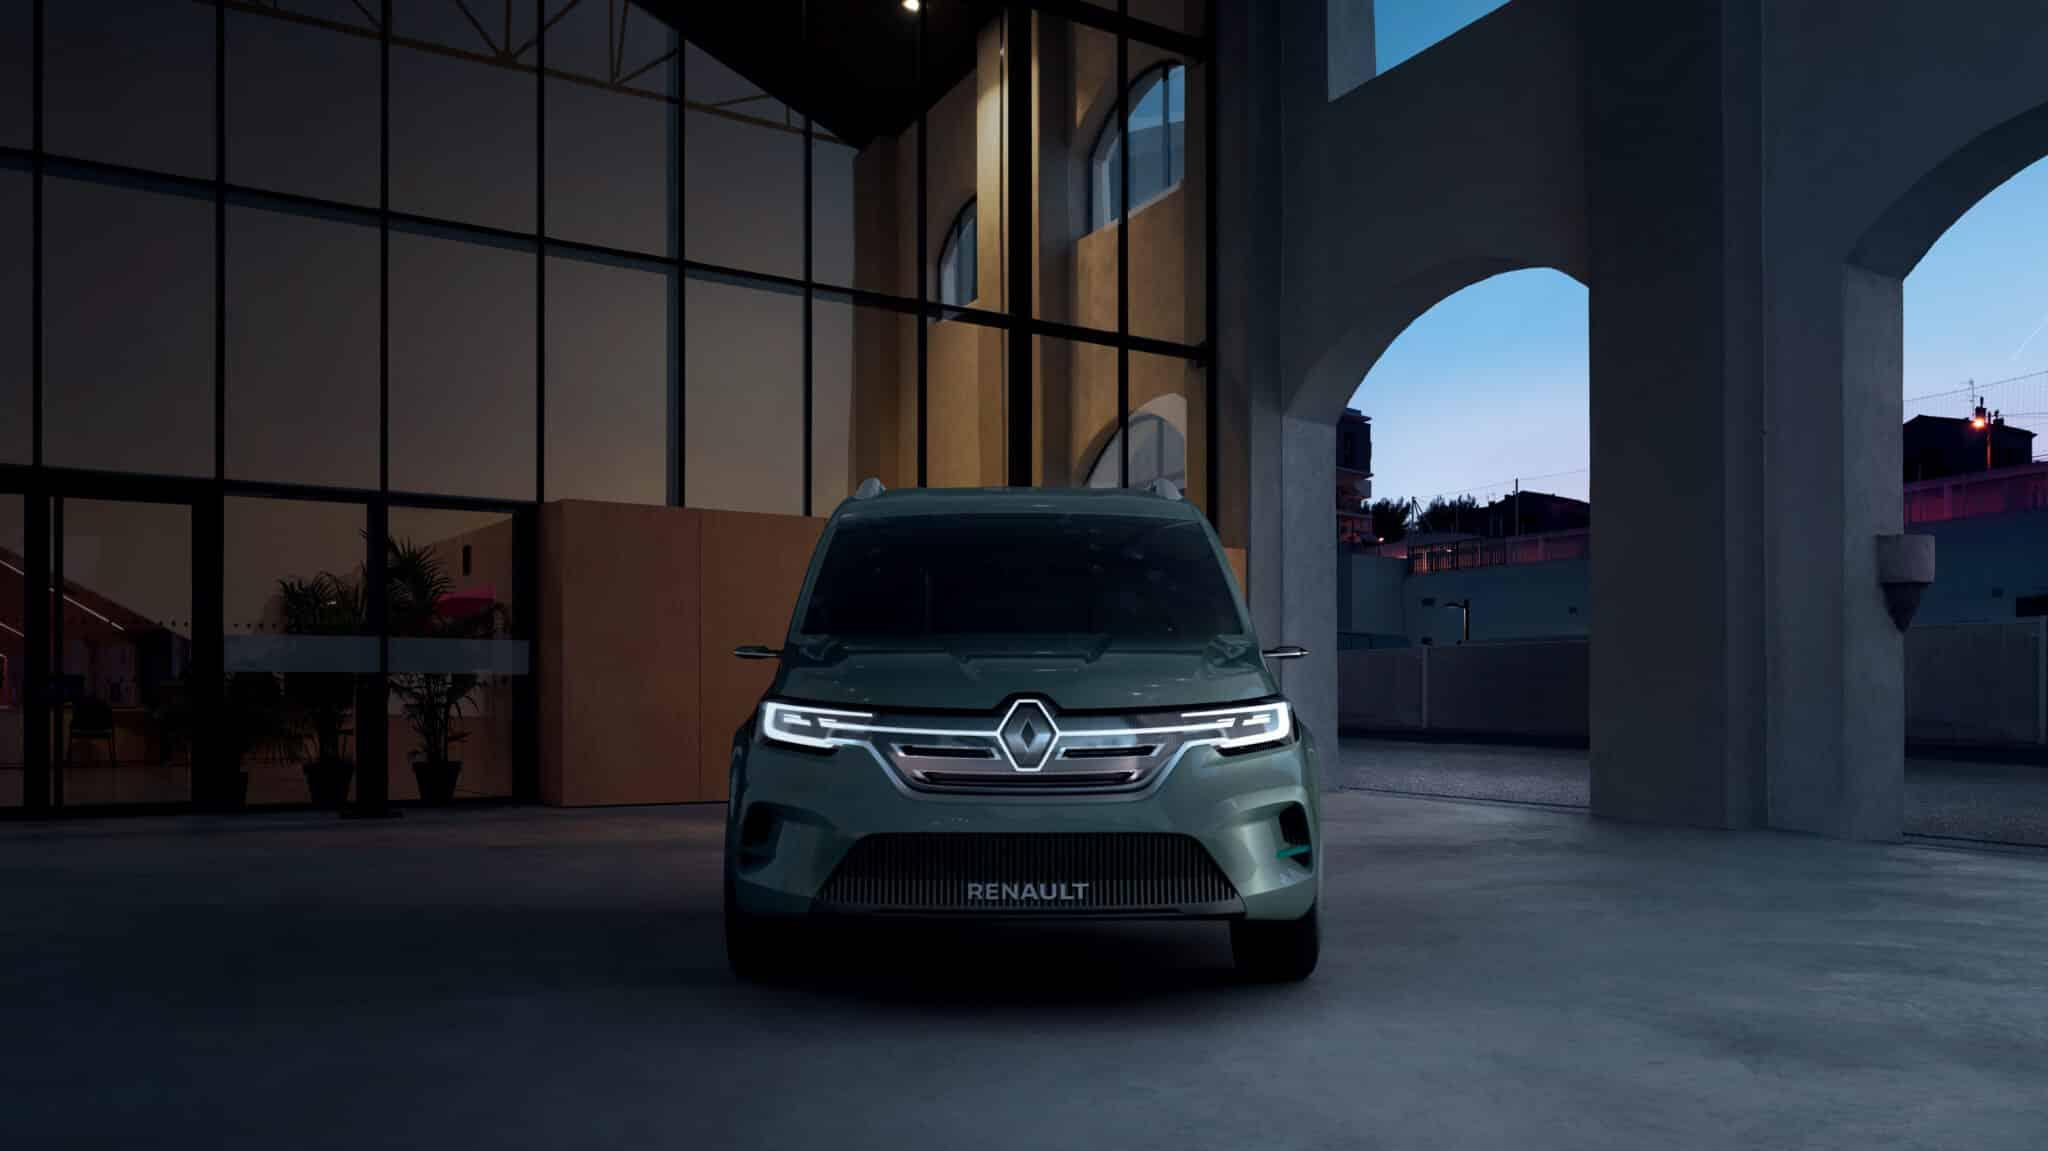 Renault aktualisiert seine Transportpalette » 20662 125441 R DAM 1025891